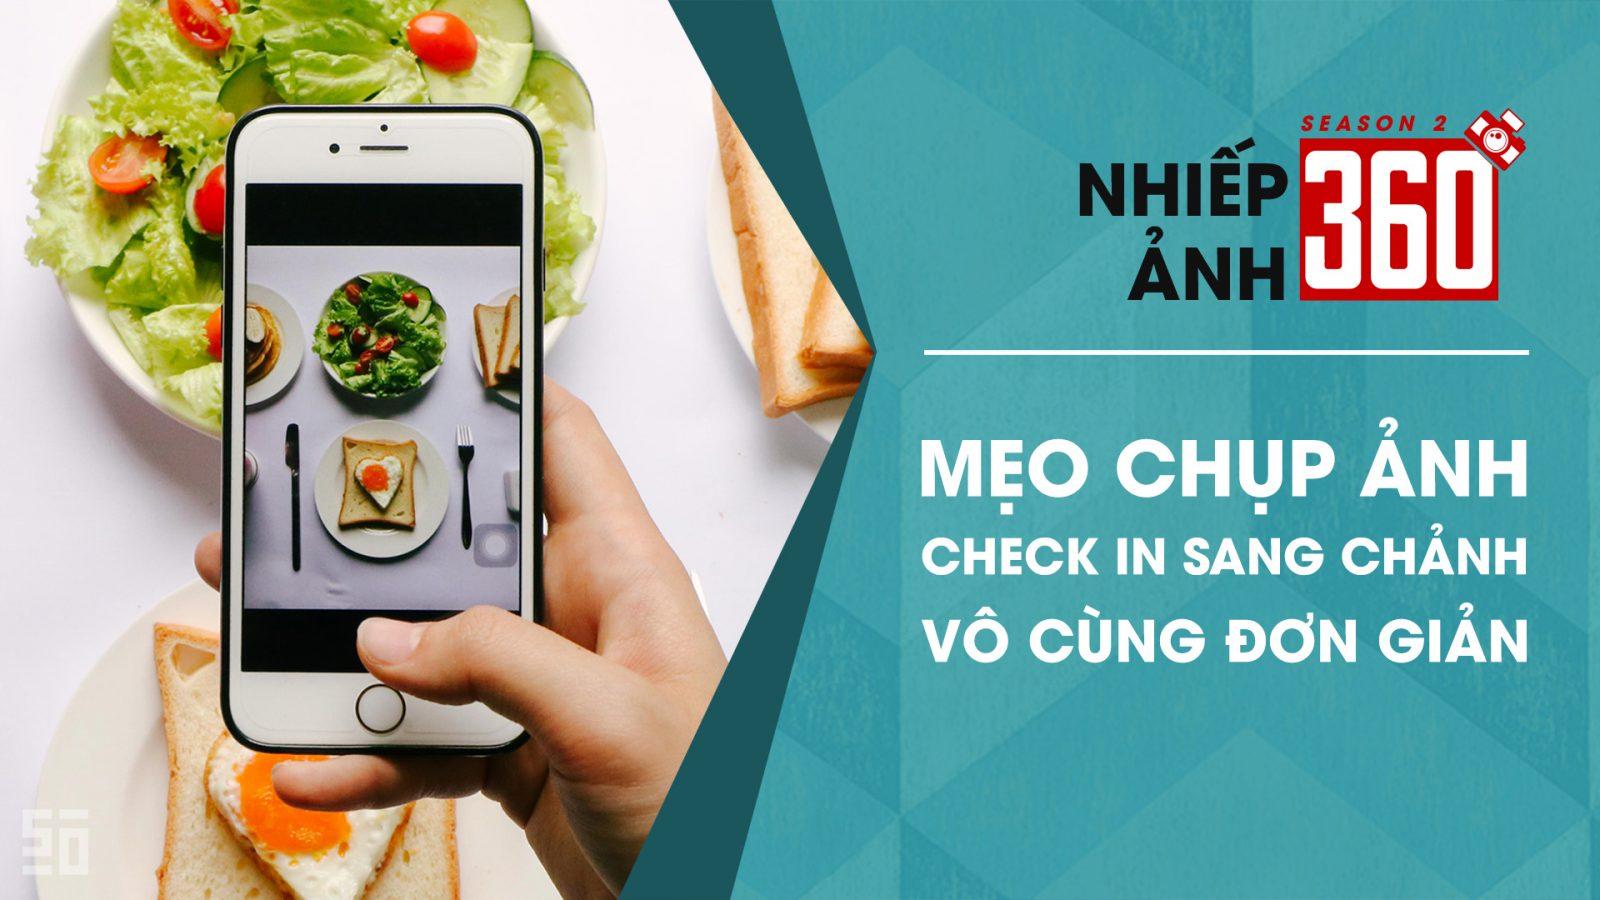 Nhiếp ảnh 360 S02 EP05: Chụp ảnh check in sang chảnh tại gia!   50mm Vietnam